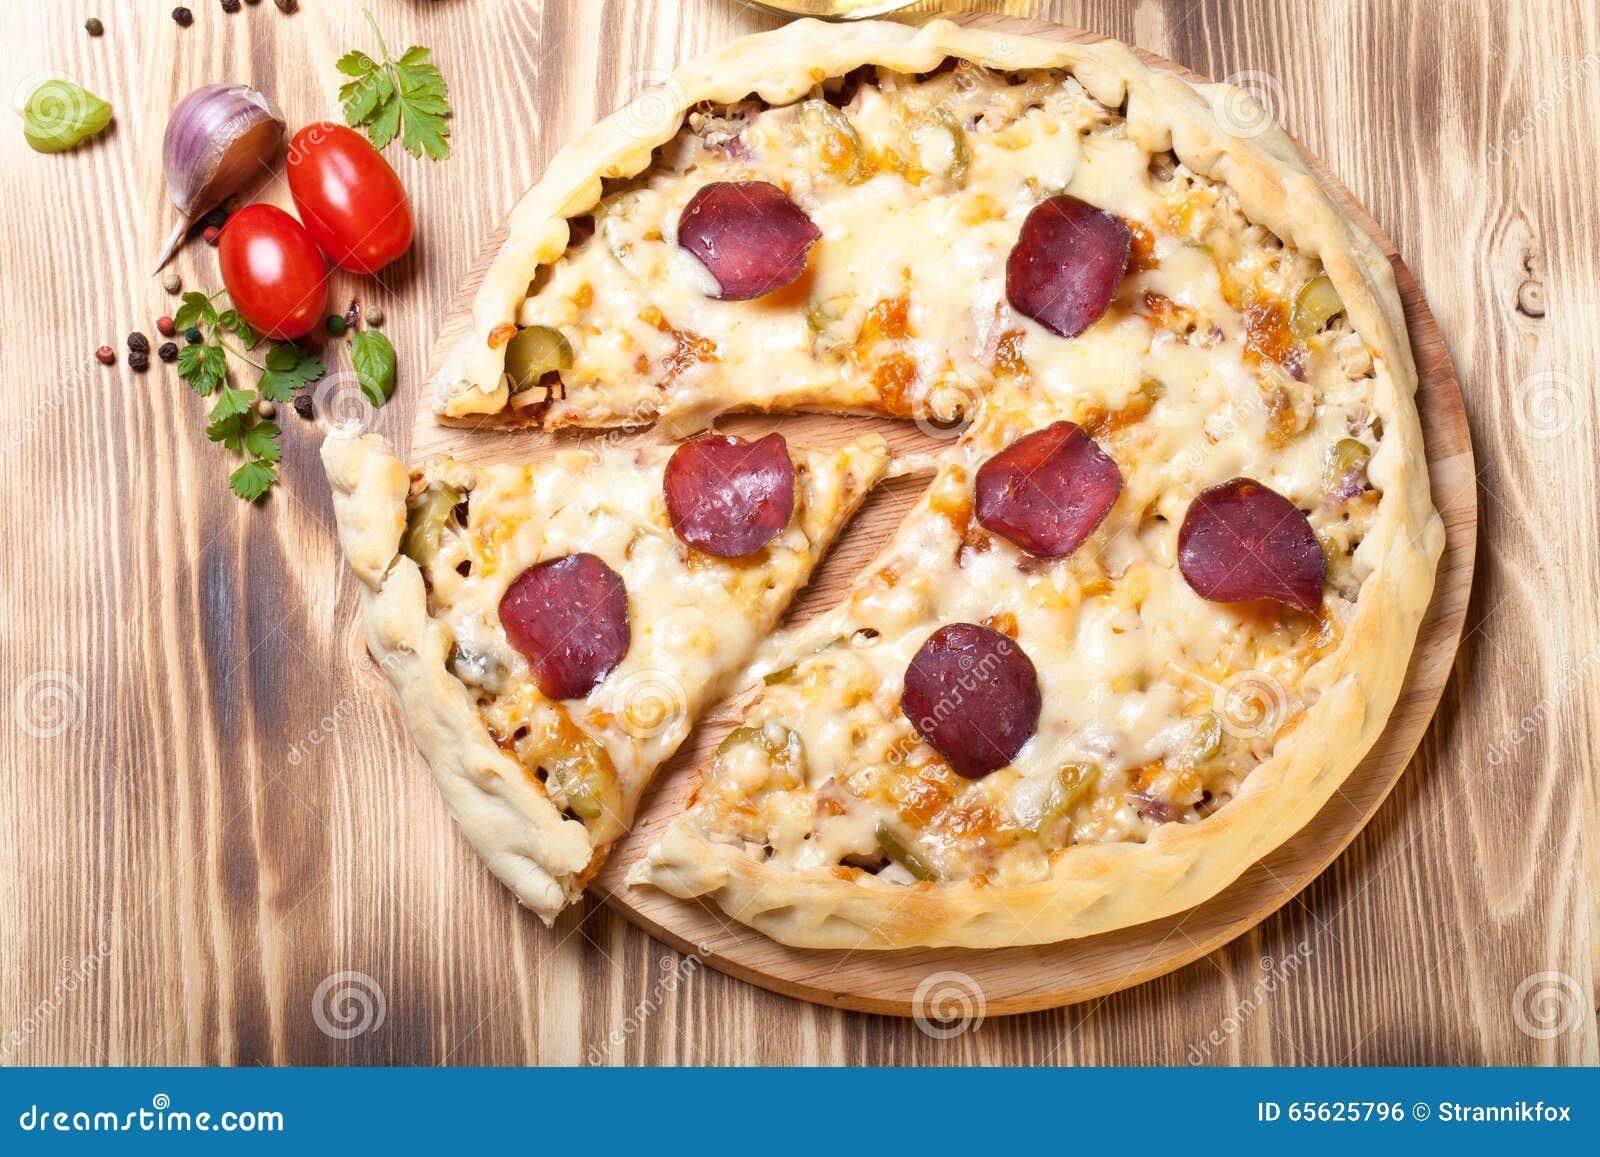 Pizza préparée avec du fromage fondu